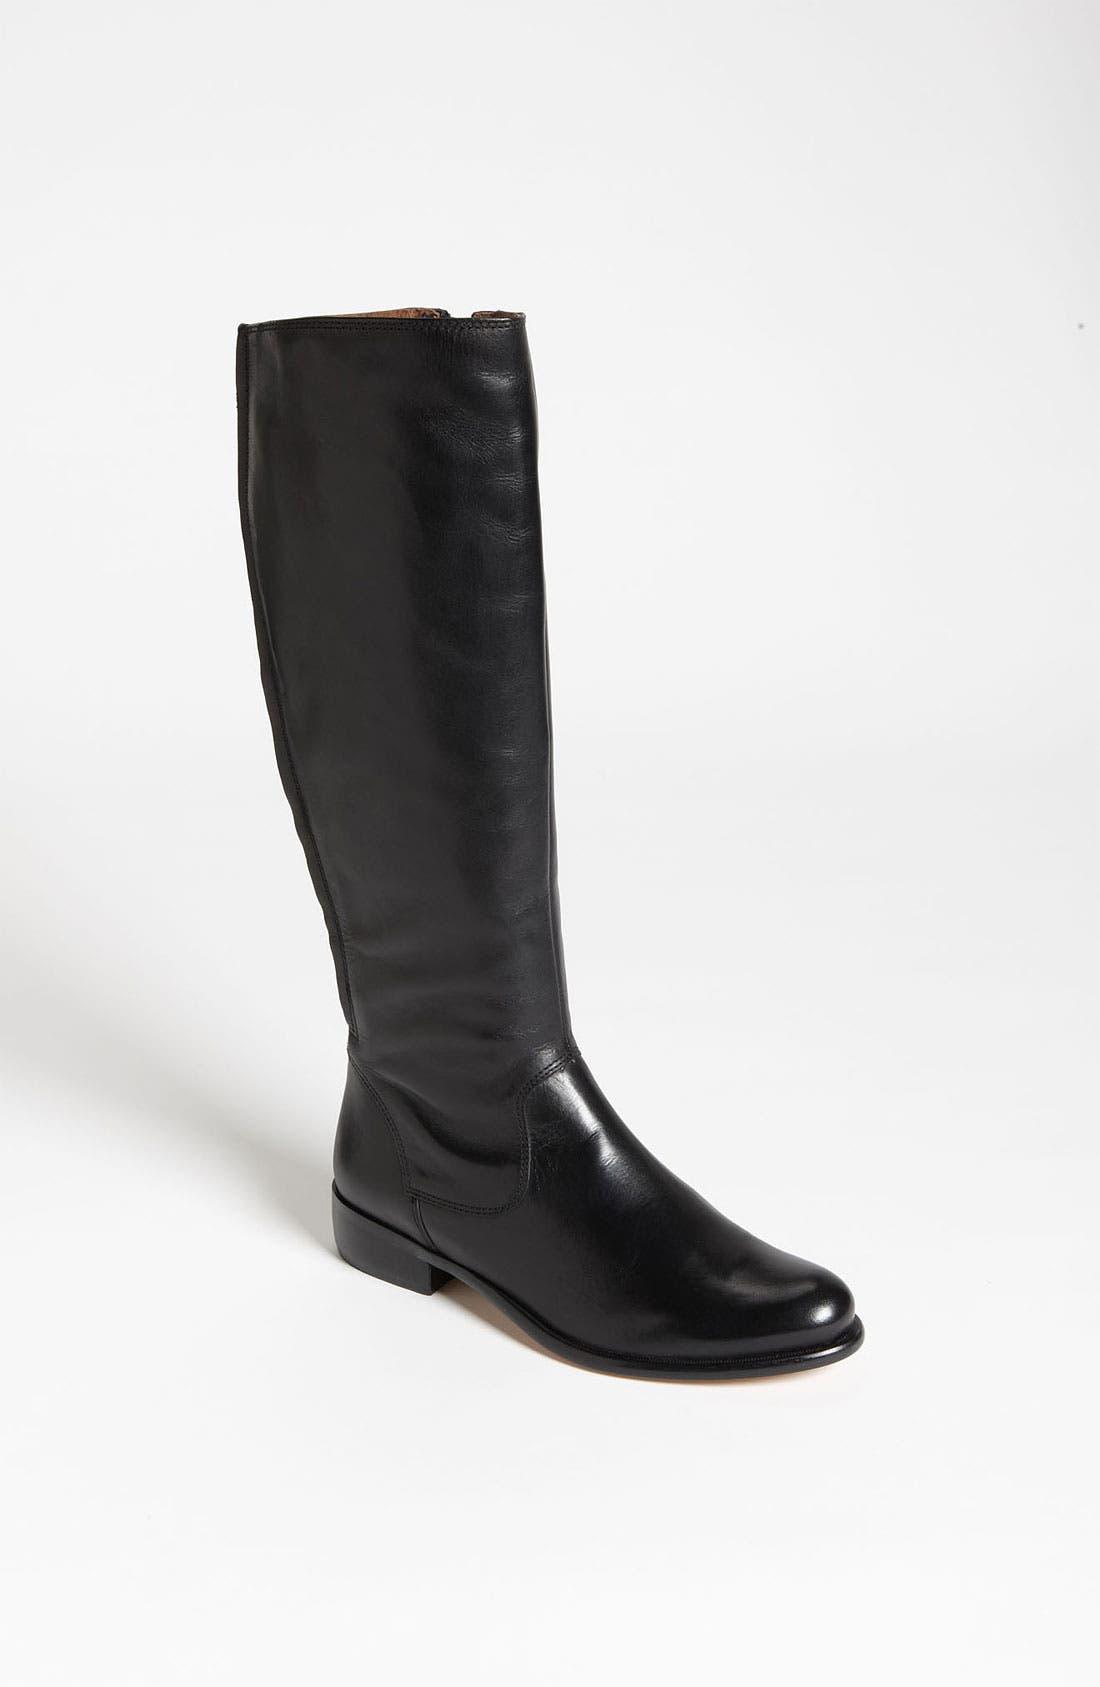 Alternate Image 1 Selected - Corso Como 'Rena' Boot